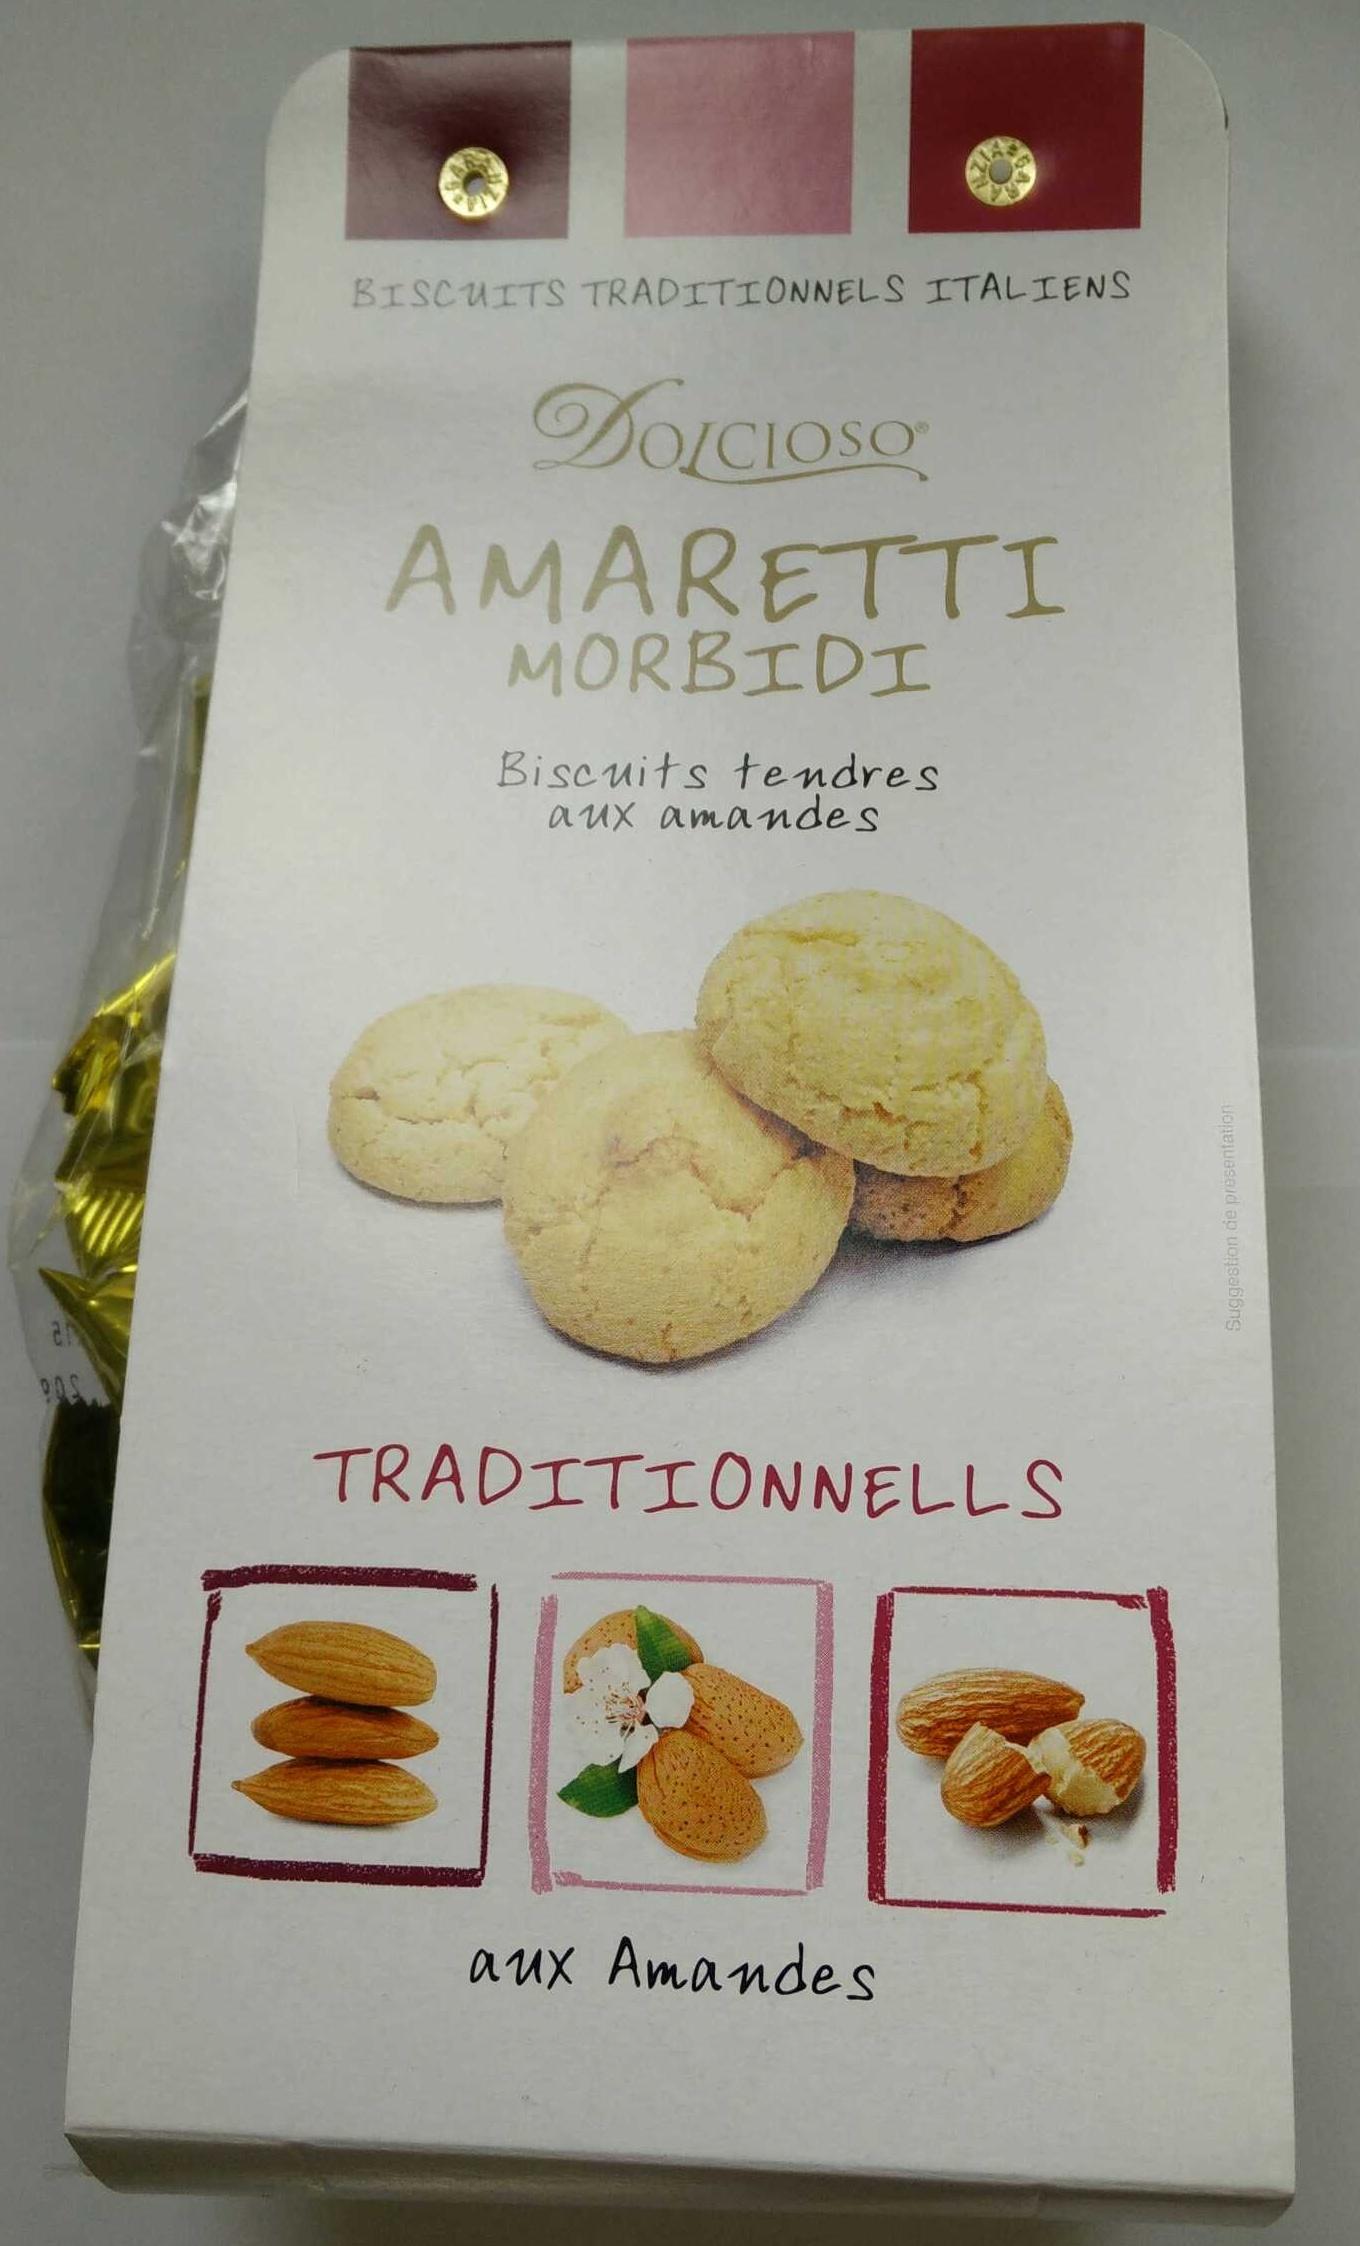 Amaretti morbidi - Product - fr